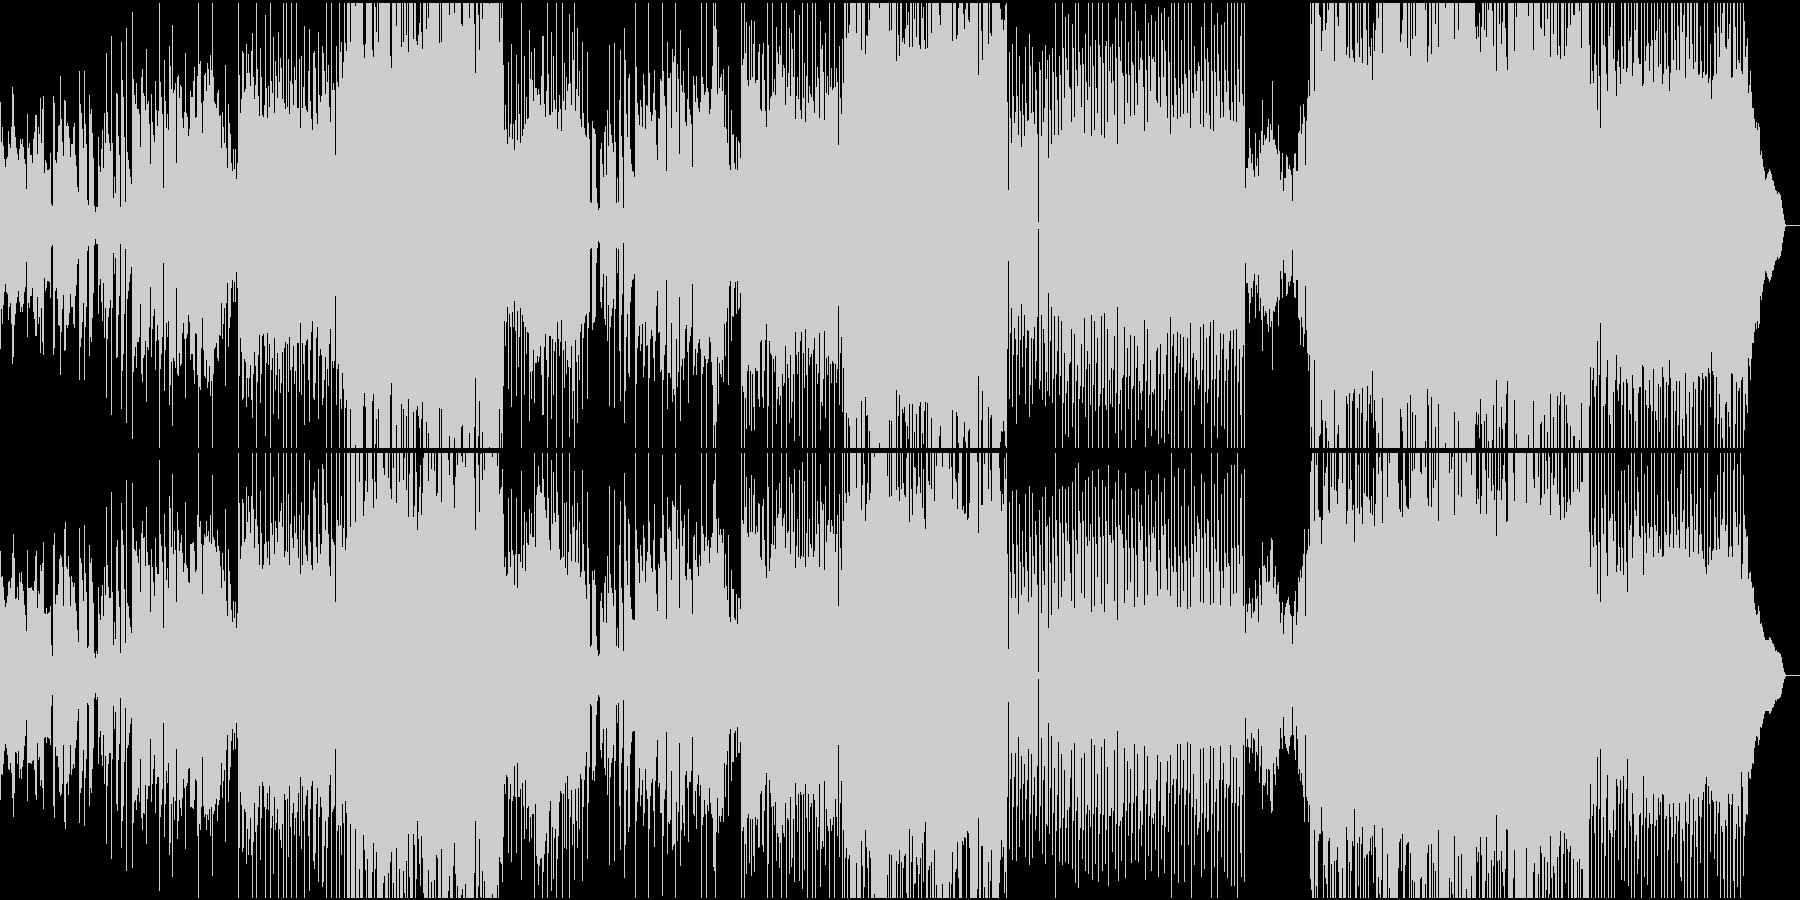 女性ボーカルの切なさと激しさを持つロックの未再生の波形